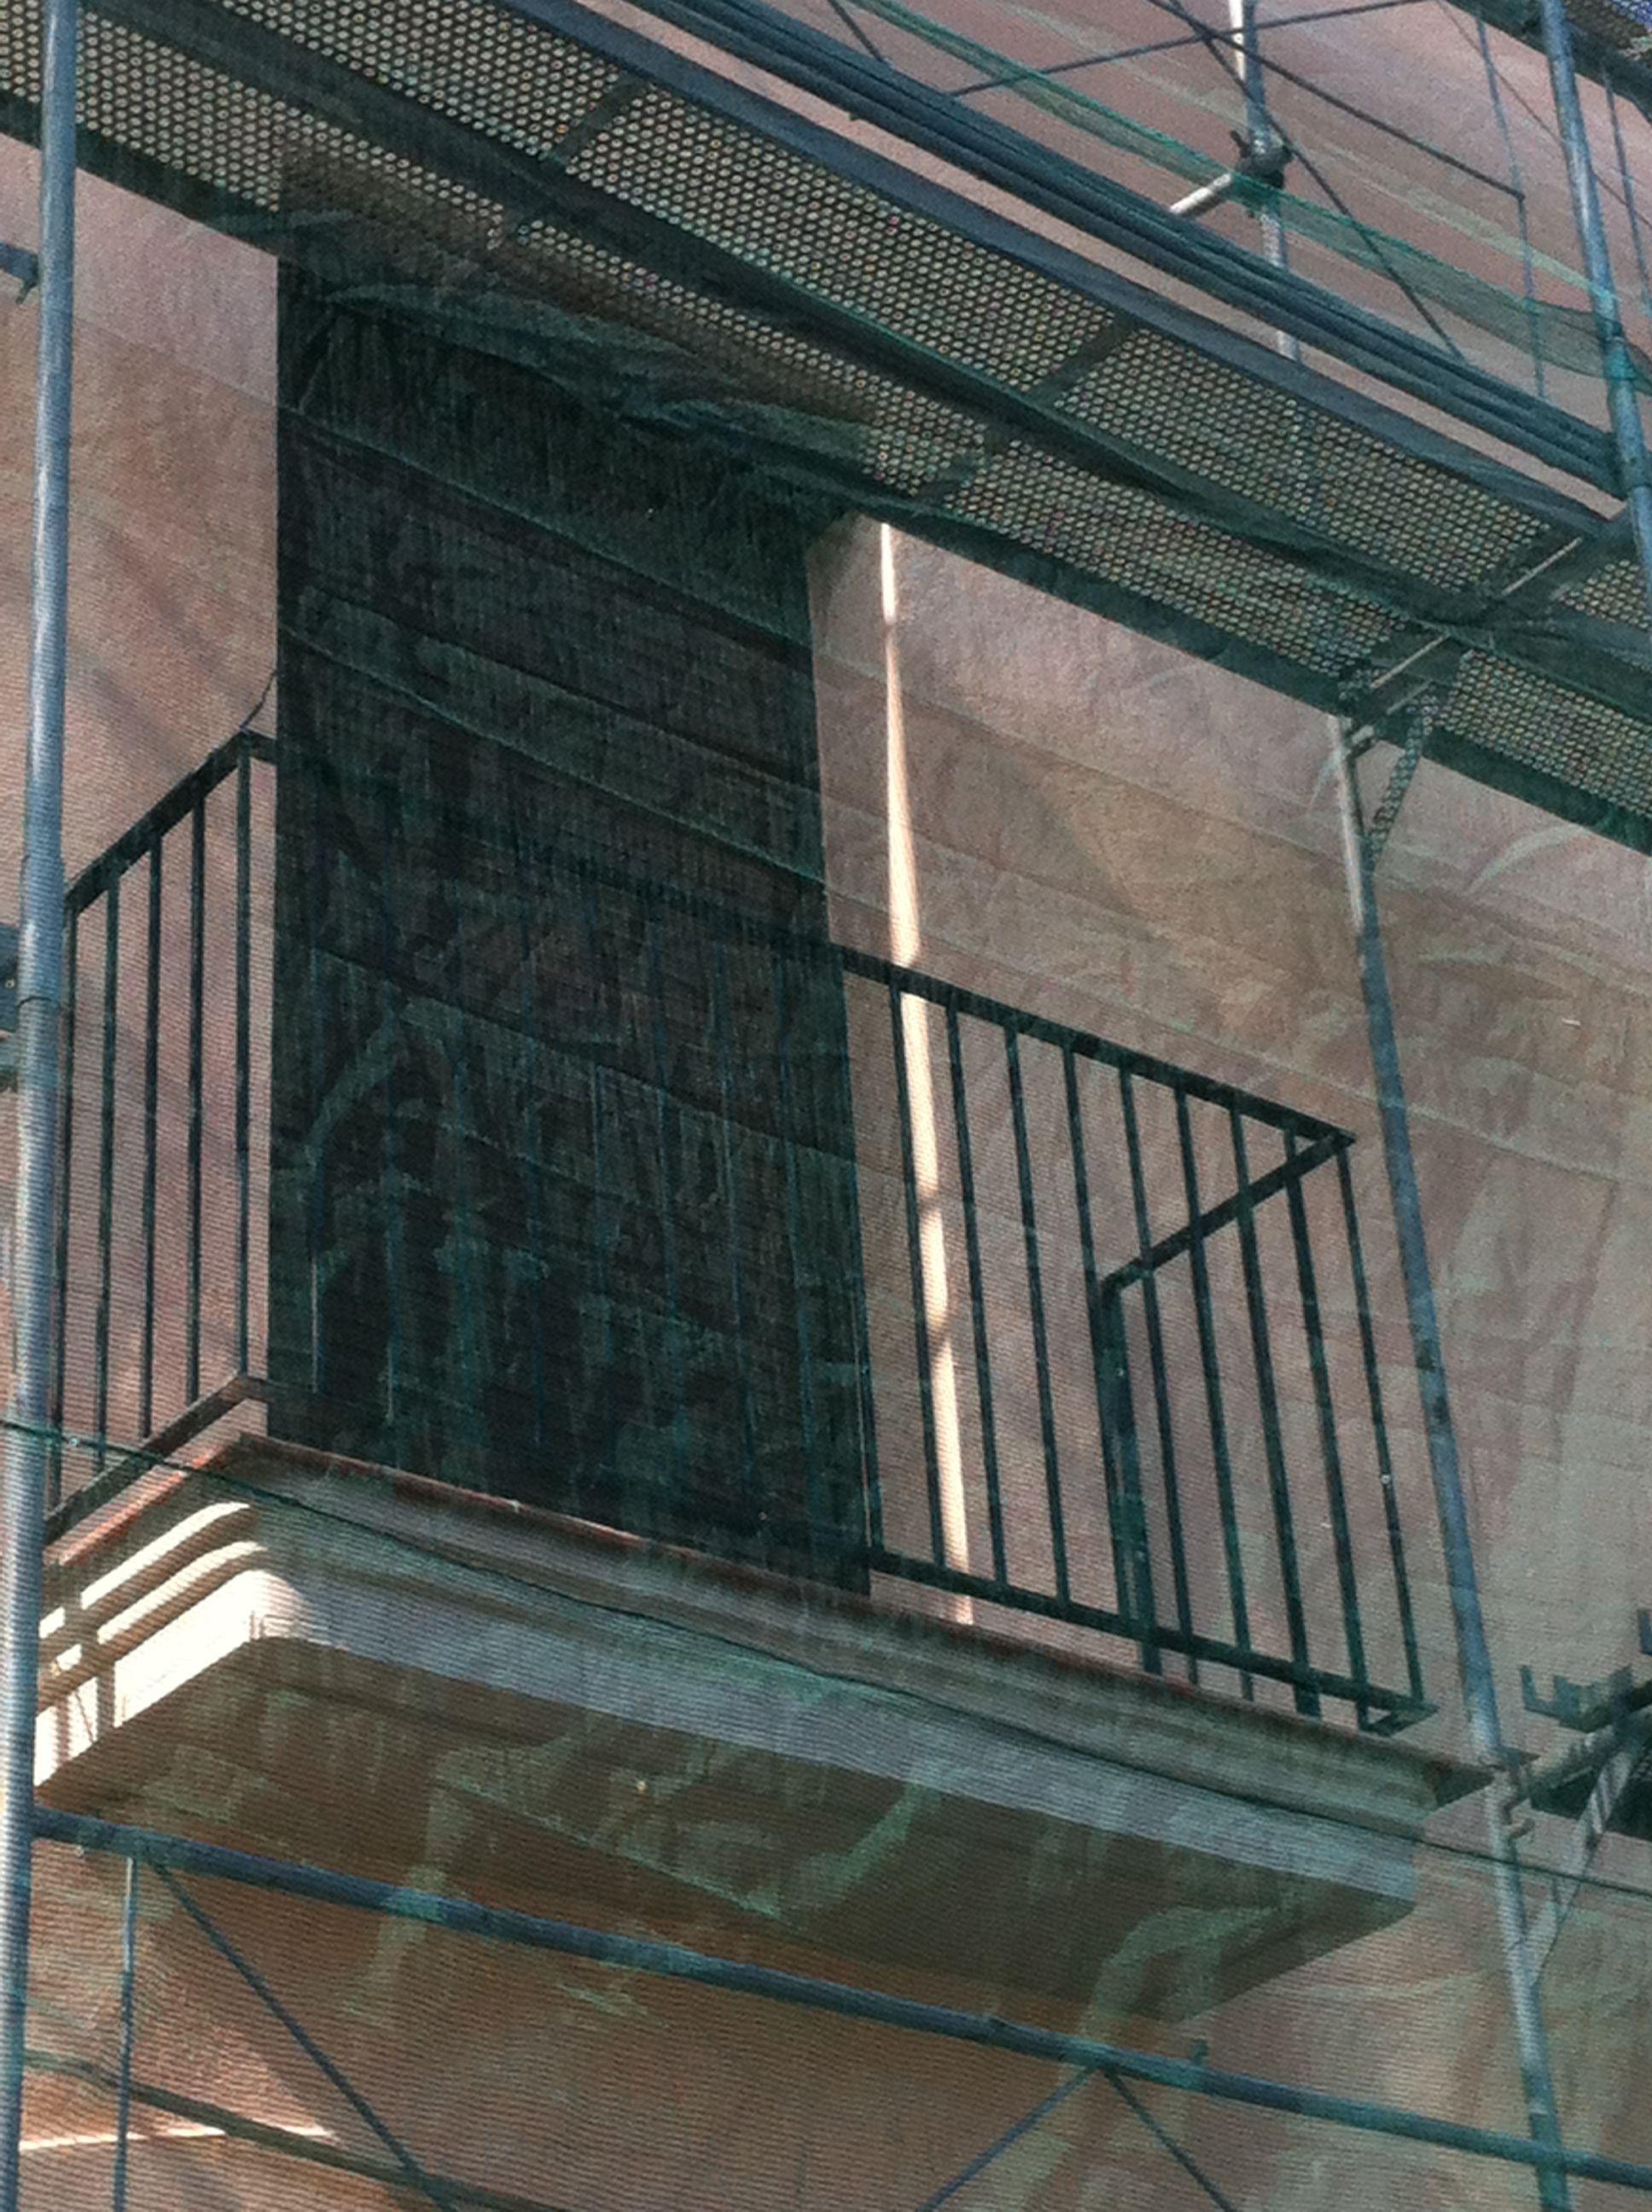 Baranda para balc n en tubo de hierro para pintar barandas y barandillas pinterest - Barandillas de hierro ...